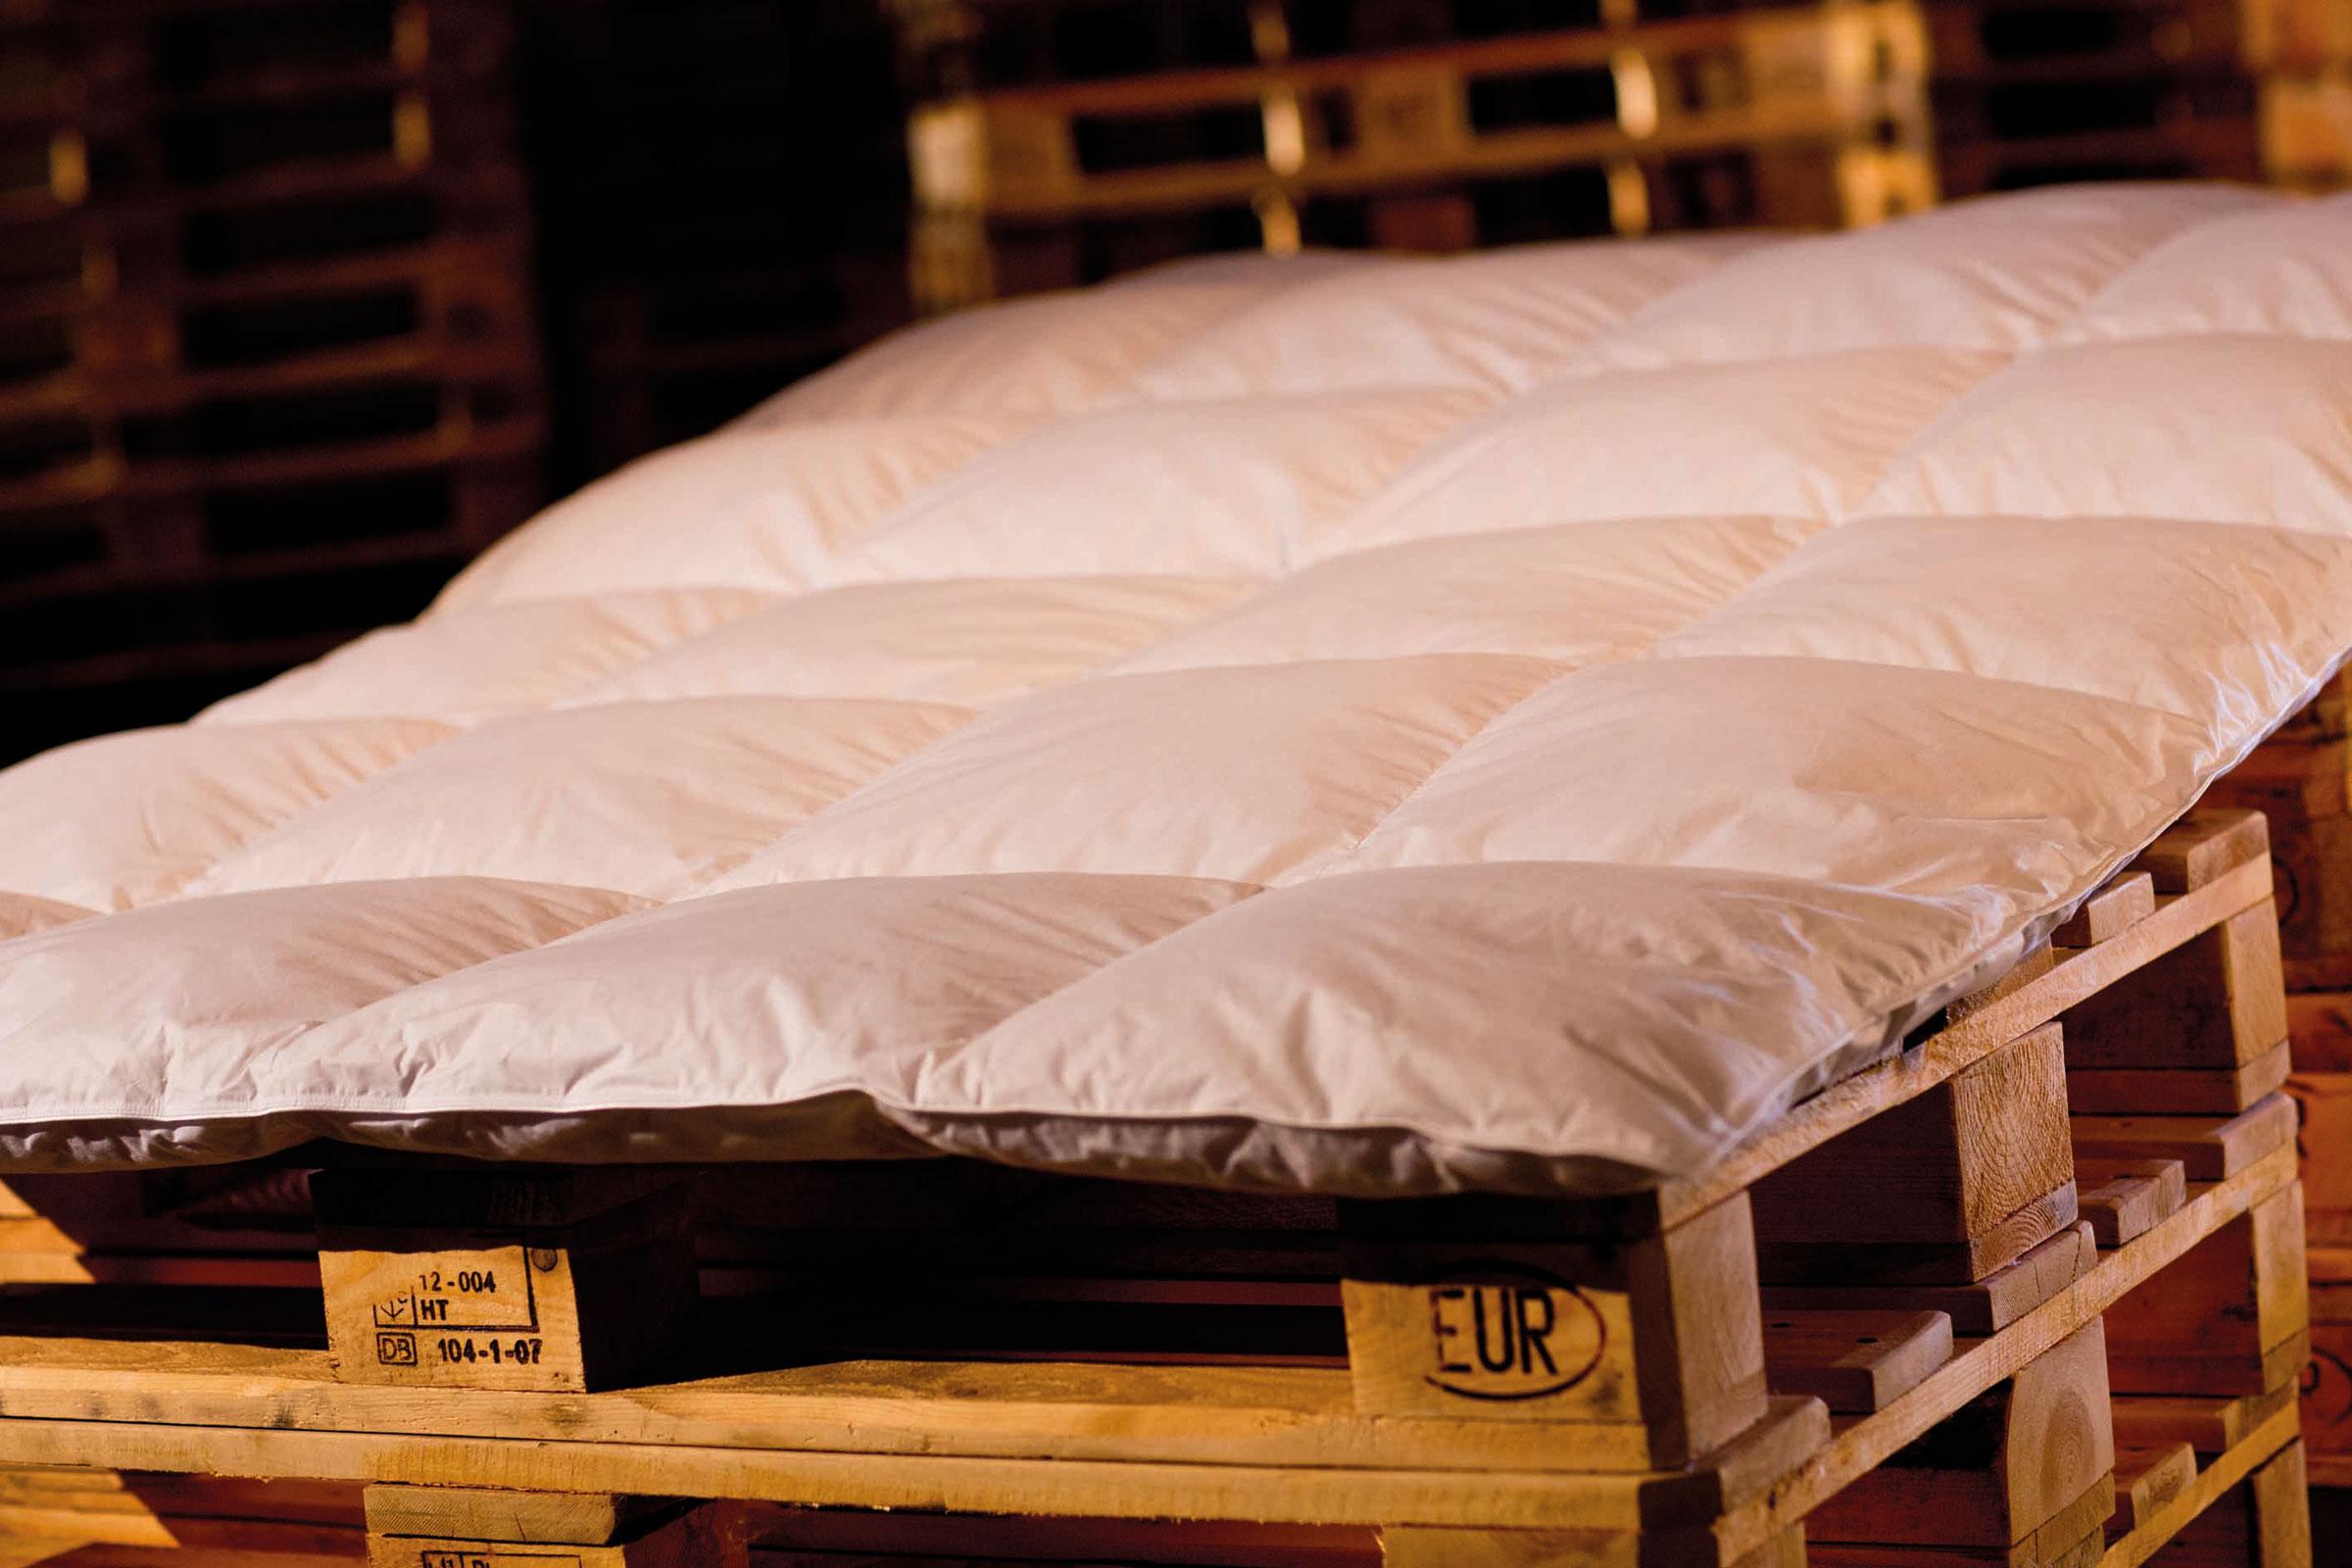 Bettdecken und Kopfkissen - Premium Sommerdecke Bettdecke 200x220 600Gramm 50 Daunen 50 Federn Serie Moon  - Onlineshop PremiumShop321